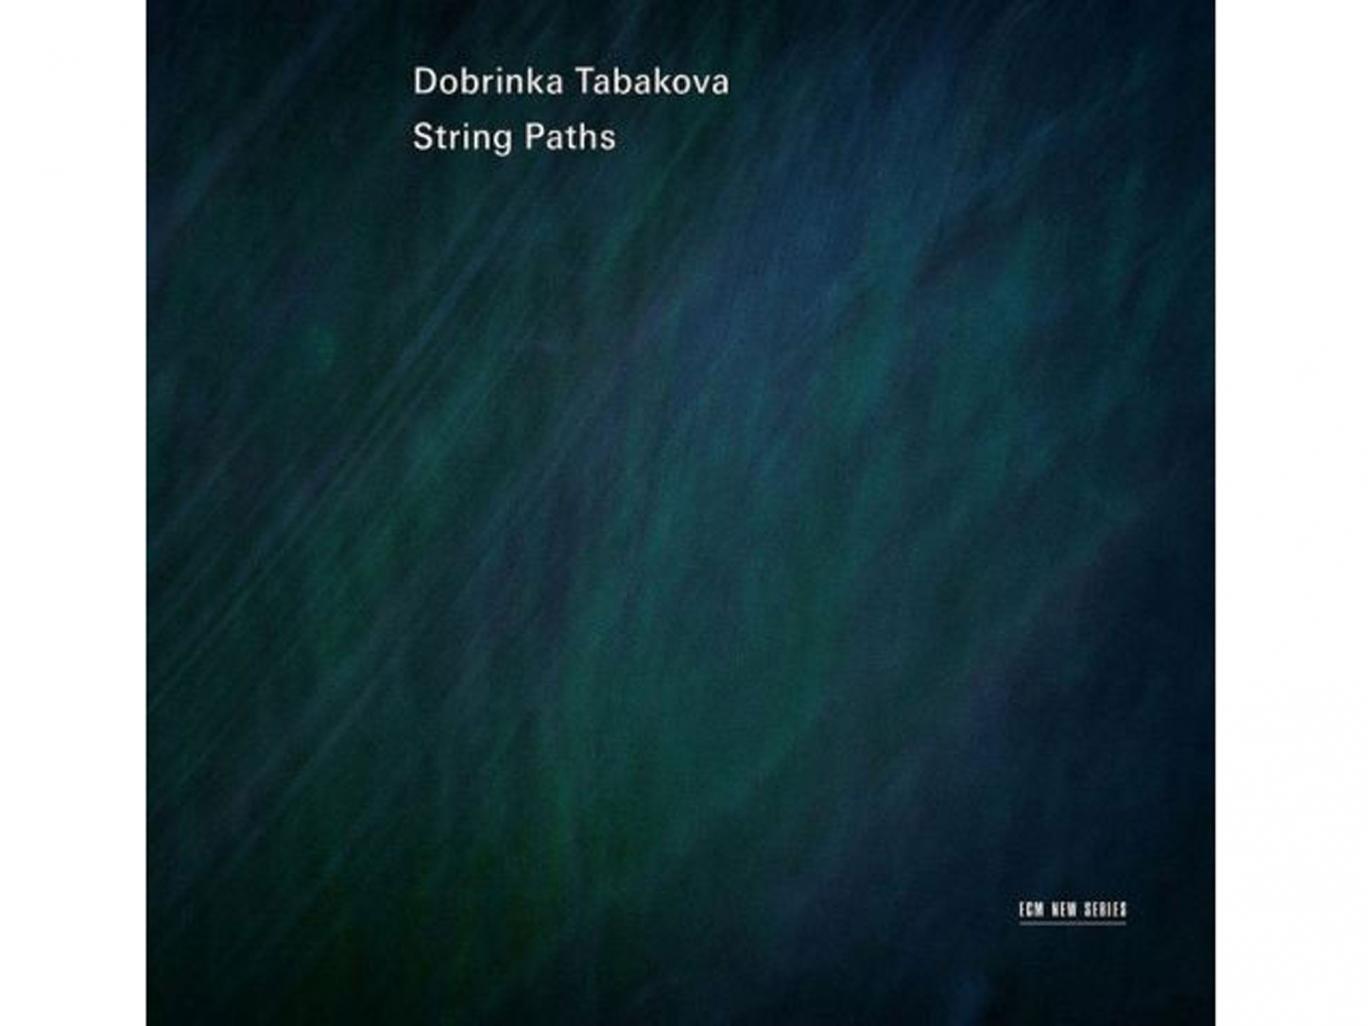 Dobrinka Tabakova, String Paths (ECM New Series)